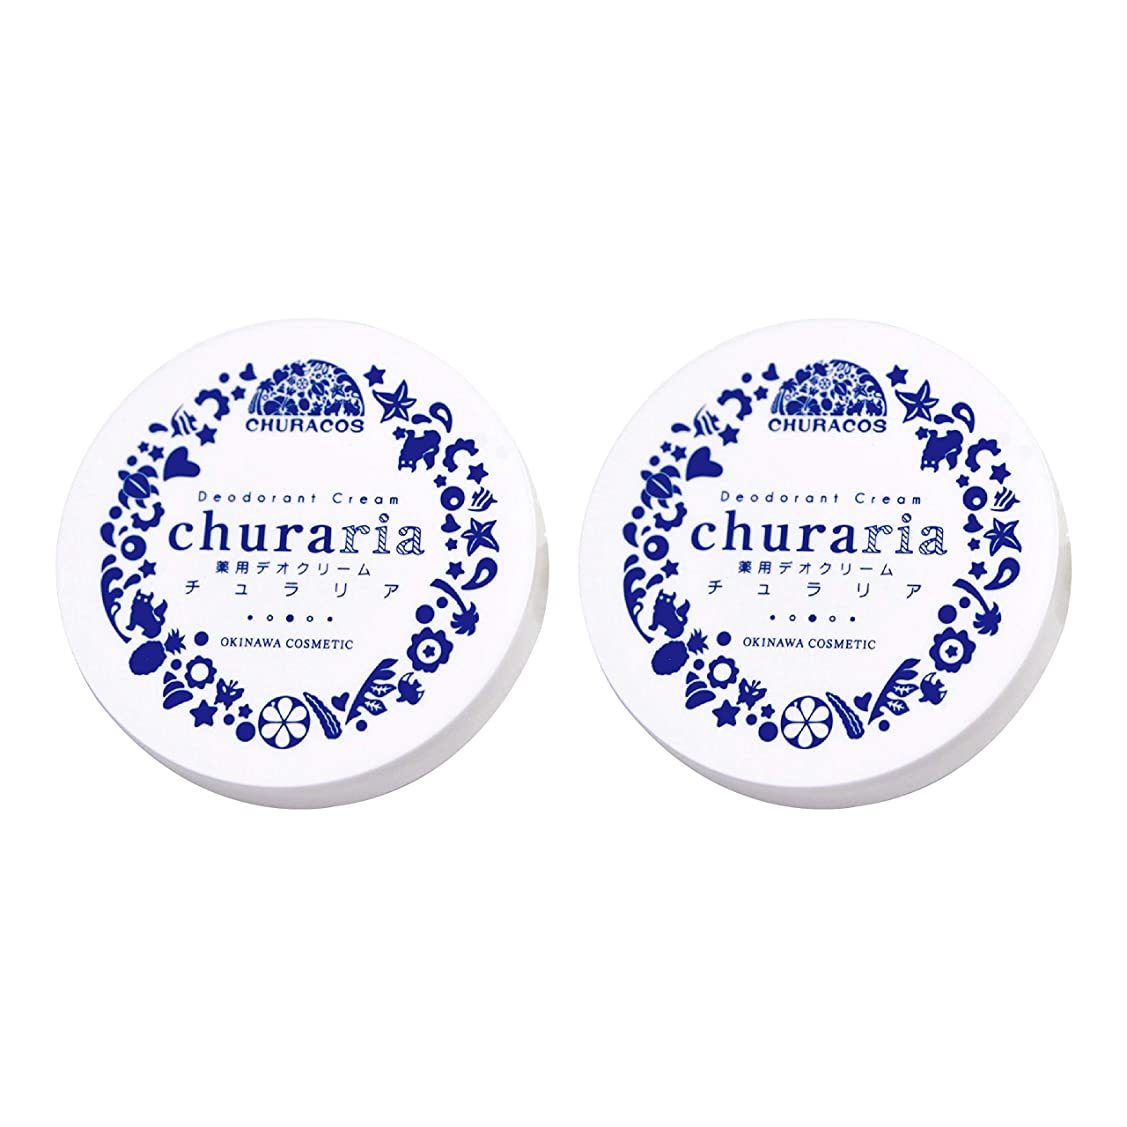 起こる細部系譜チュラコス 薬用デオドラントクリーム チュラリア 27g 制汗剤 わきが デリケート (2個)